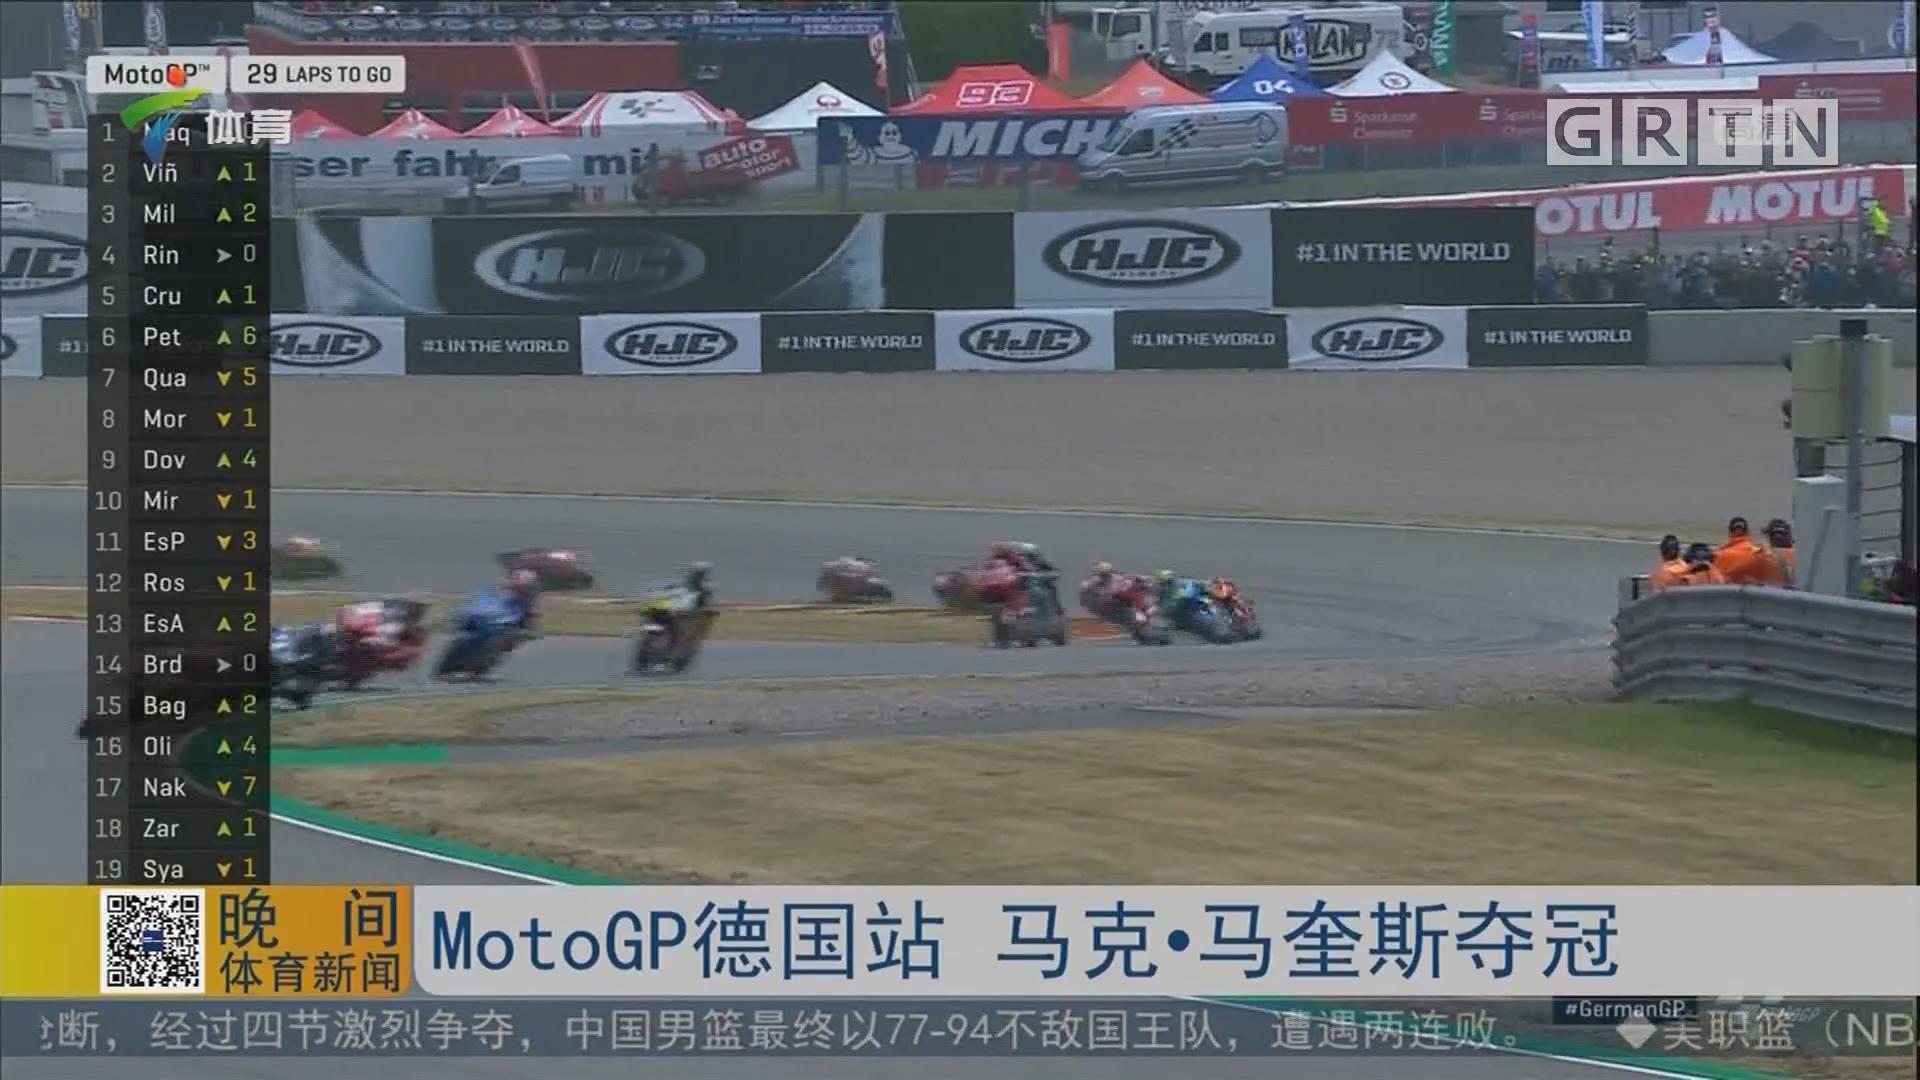 MotoGP德國站 馬克·馬奎斯奪冠